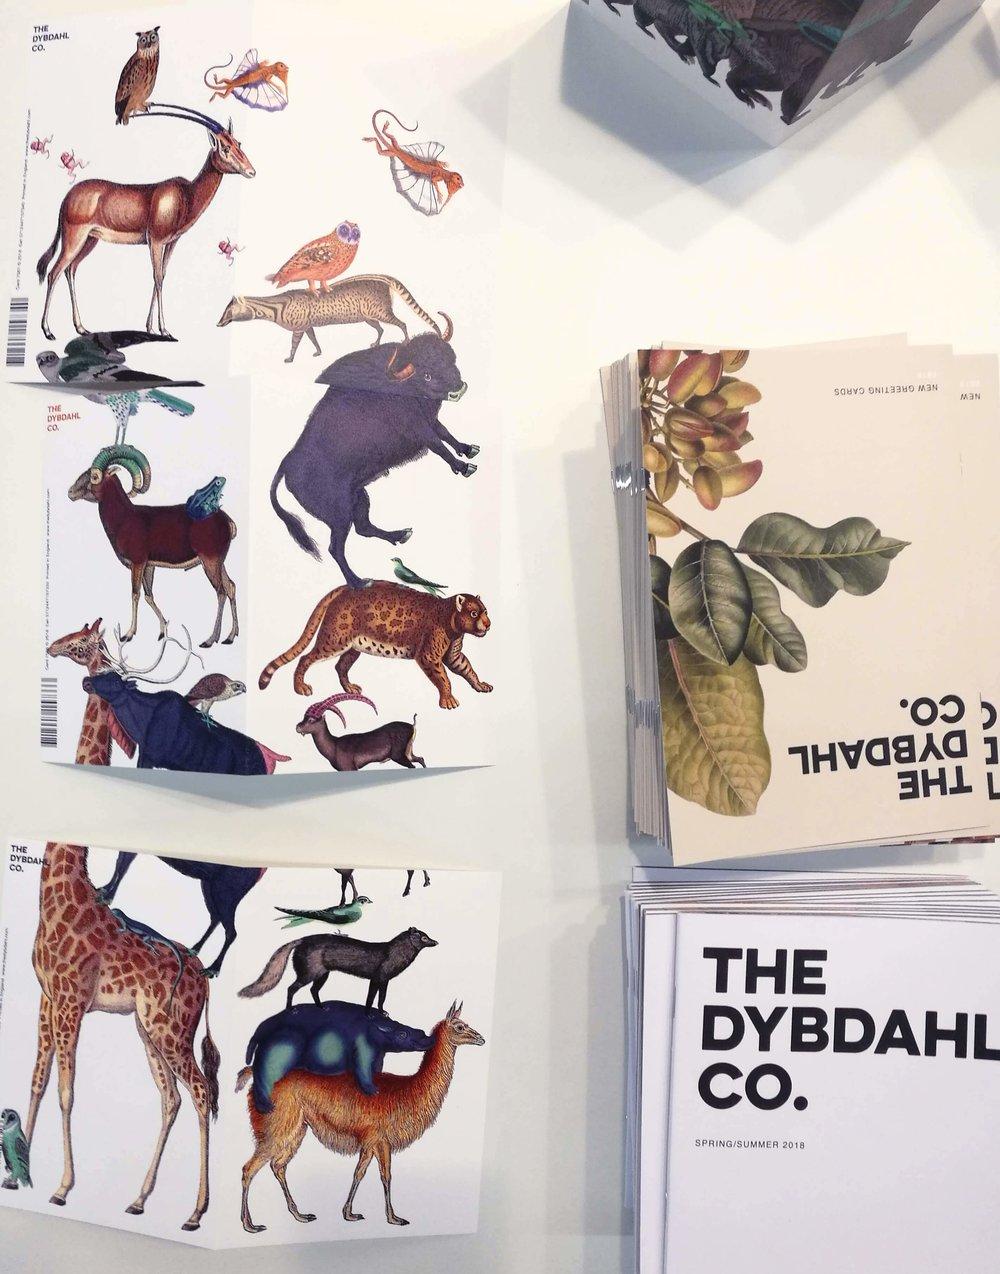 Papírenské zboží od The Dybdahl, Dánsko